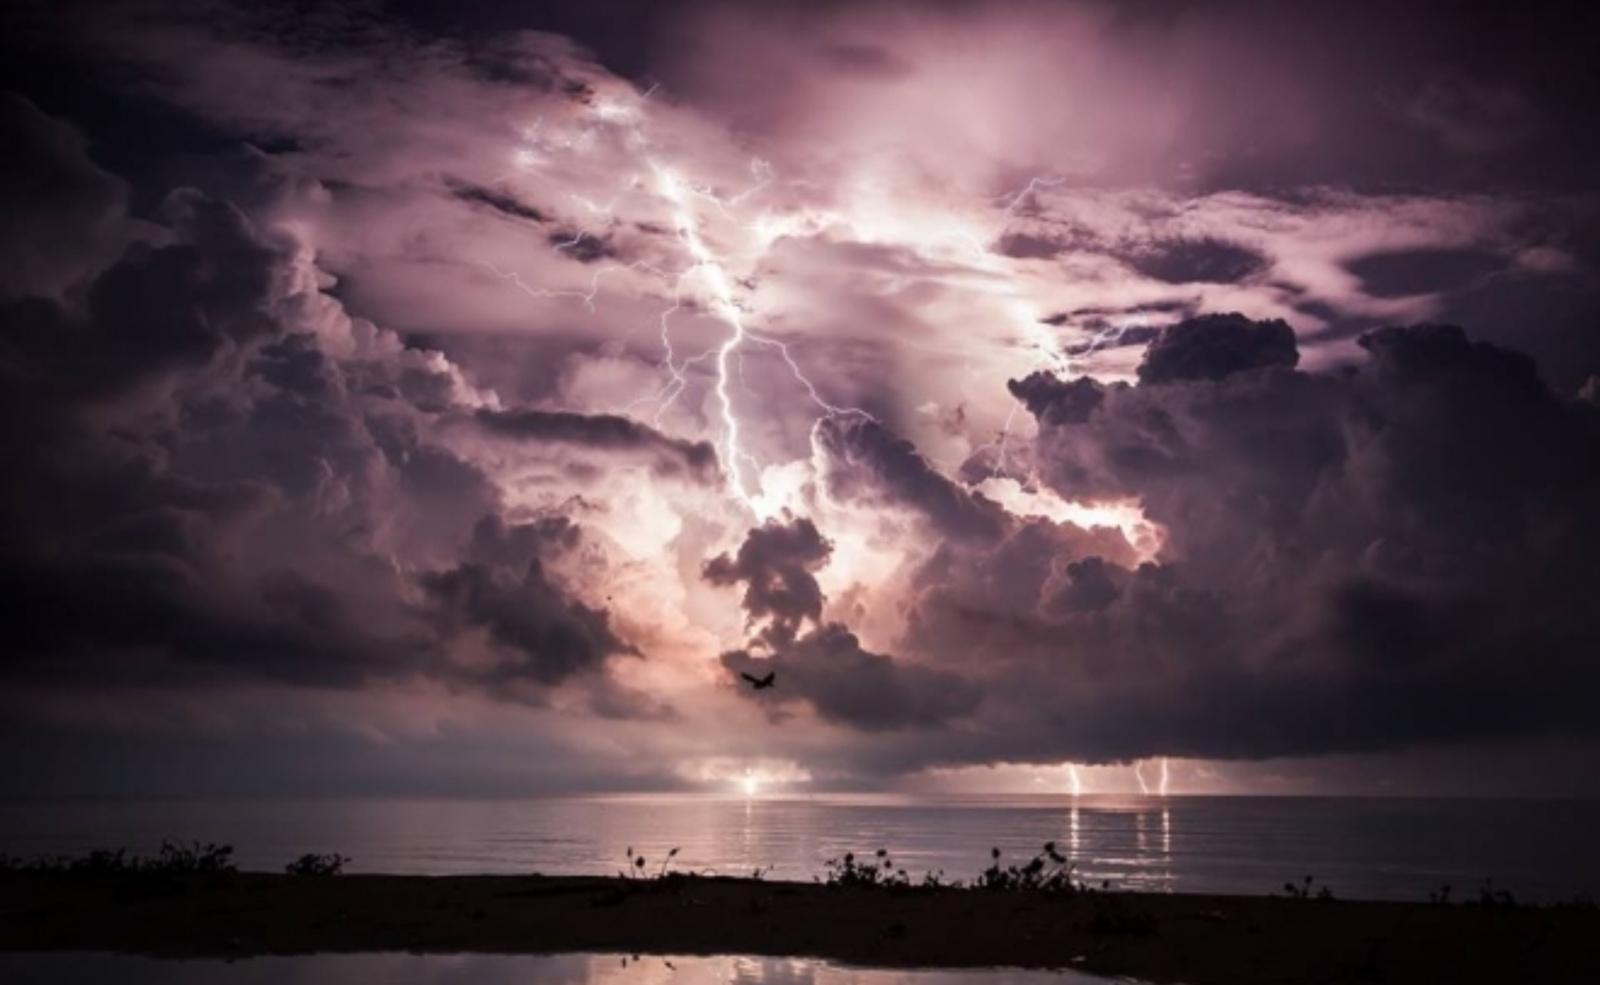 Ko gero, įspūdingiausia vieta Žemėje: žaibavimas čia muša visus rekordus